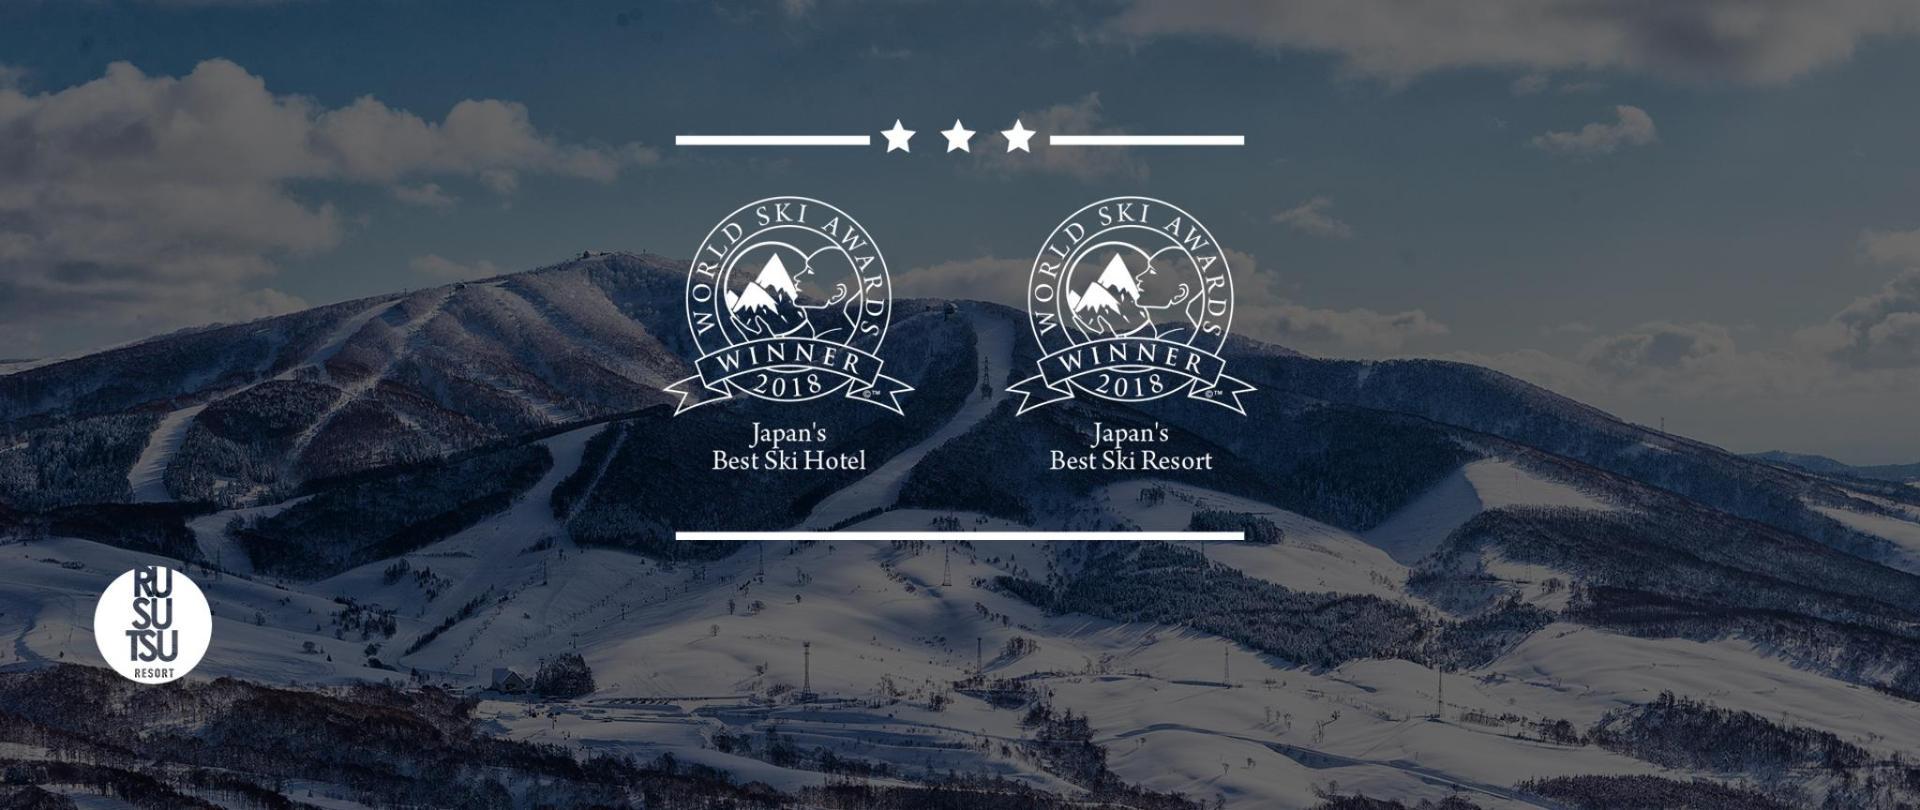 1-Winter_banner-20181119-SkiAwards.jpg